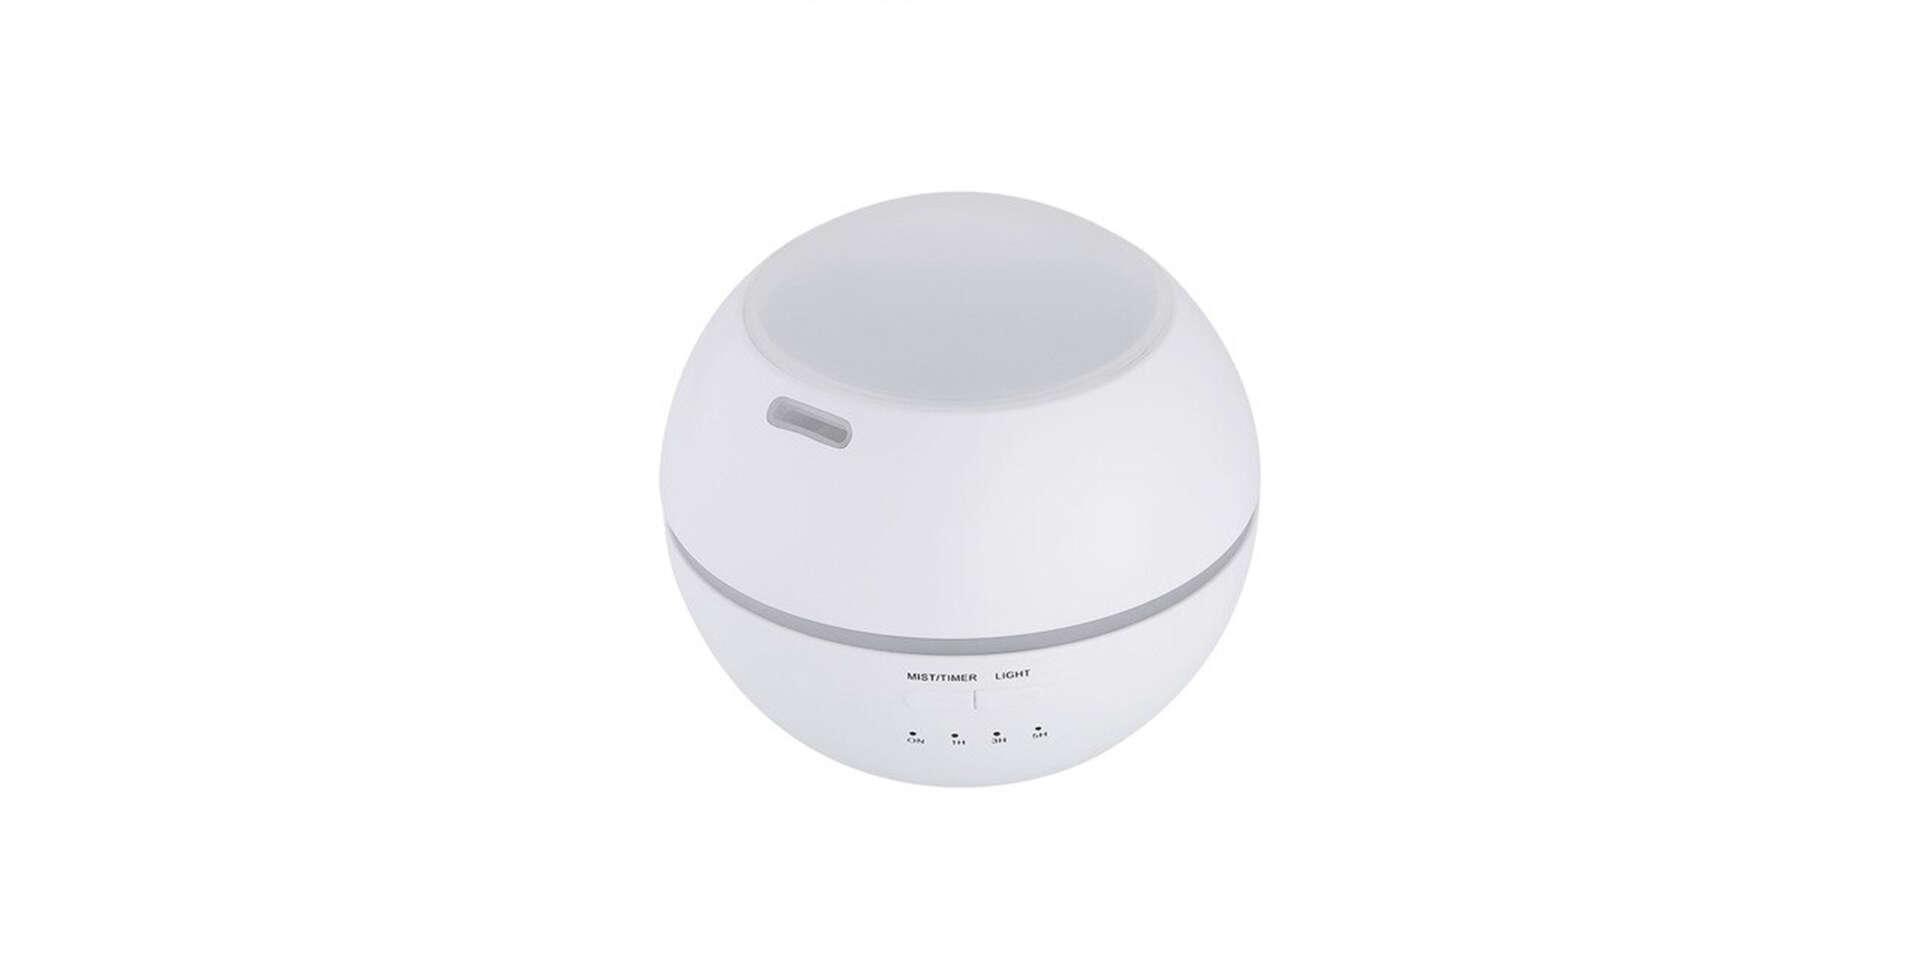 Aróma difúzer s lampou alebo USB aróma difúzer